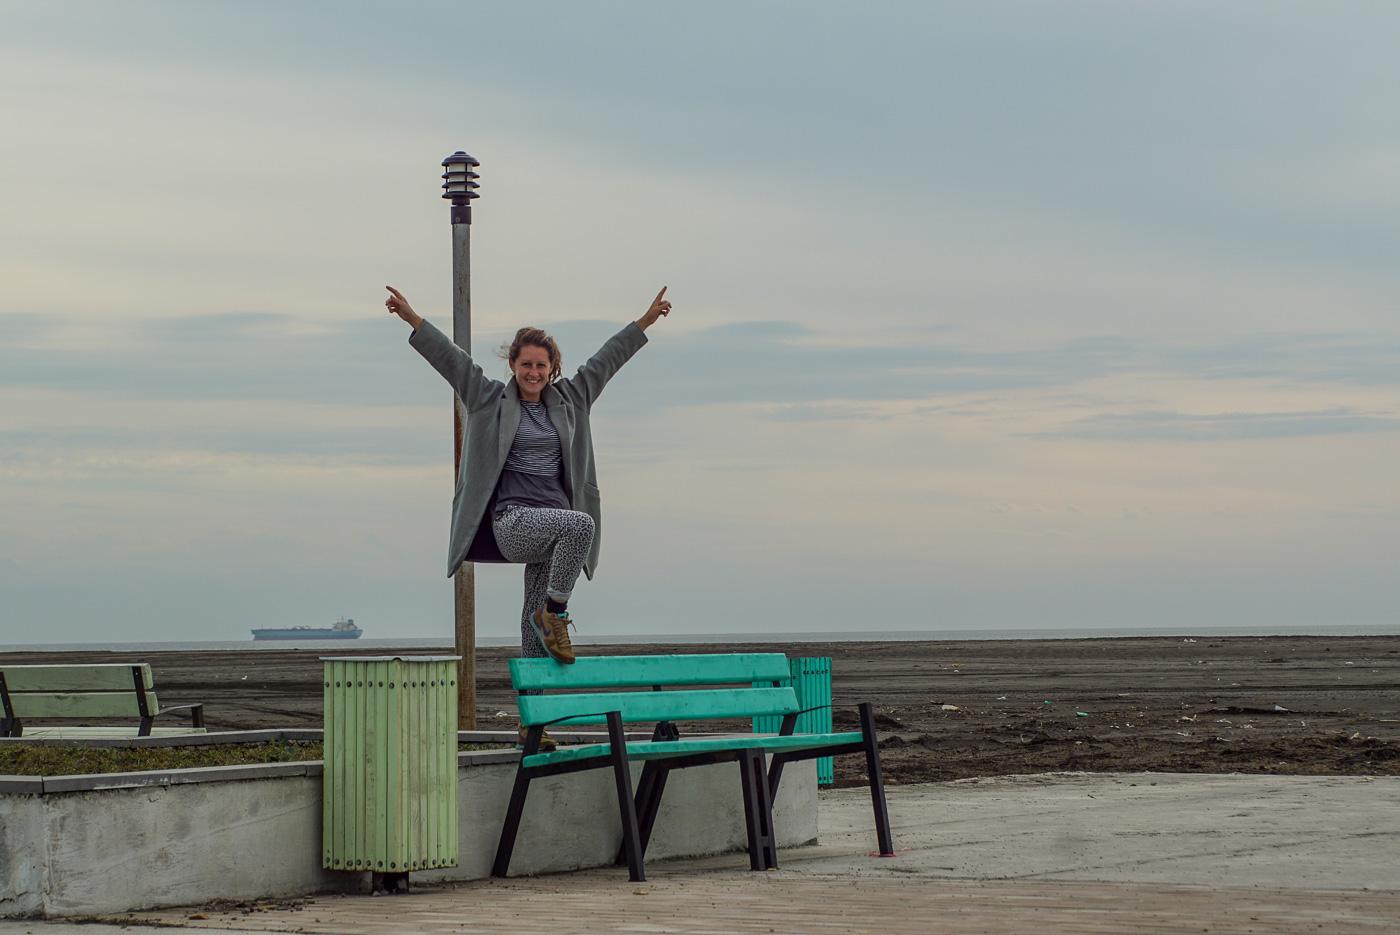 Zu sehen ist, die noch nicht fertiggestellte Strandpromenade in der Nähe von Poti. Lea steht mit einem Fuß auf der Rückenlehne einer türkisenen Bank, mit gleichfarbigem Mülleimer daneben. Sie streckt die Hände zum Himmel und lächelt in die Kamera. Gleich daneben ist eine weitere Sitzbank mit passendem Mülleimer in mintgrün zu sehen, hinten am Horizont fährt ein Containerschiff.